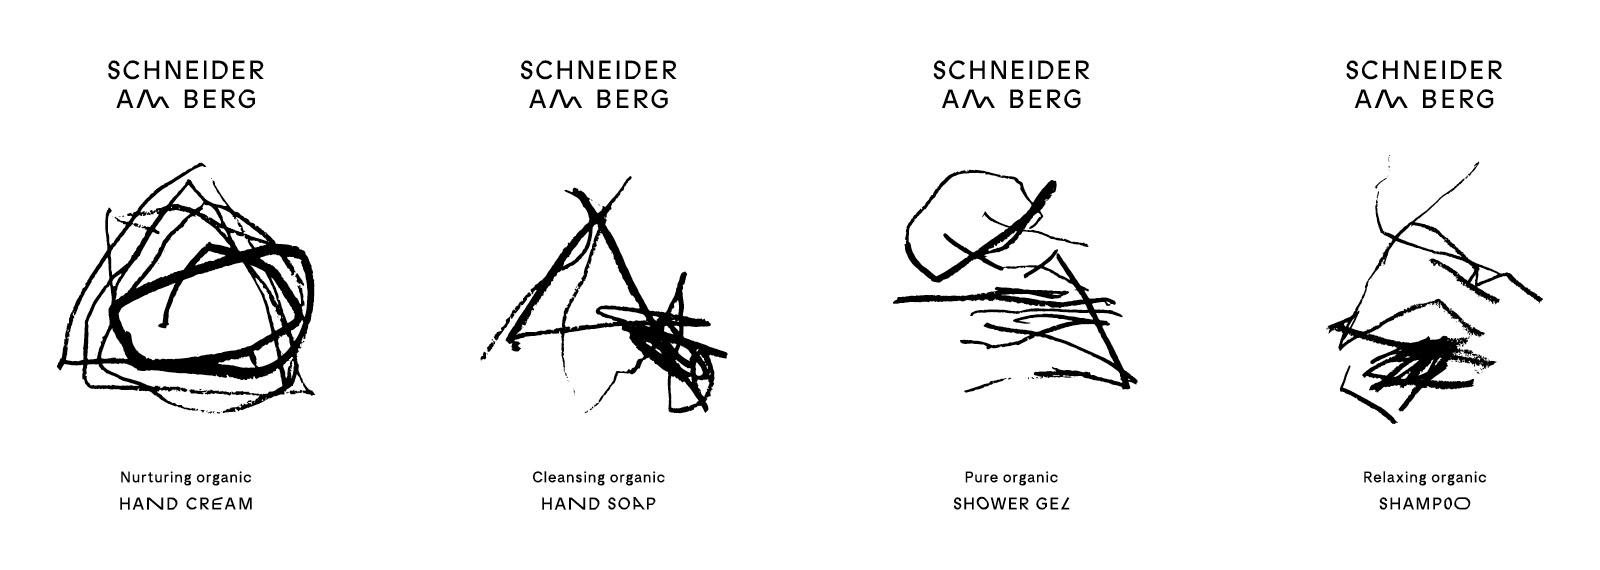 BW_schneider_visuals